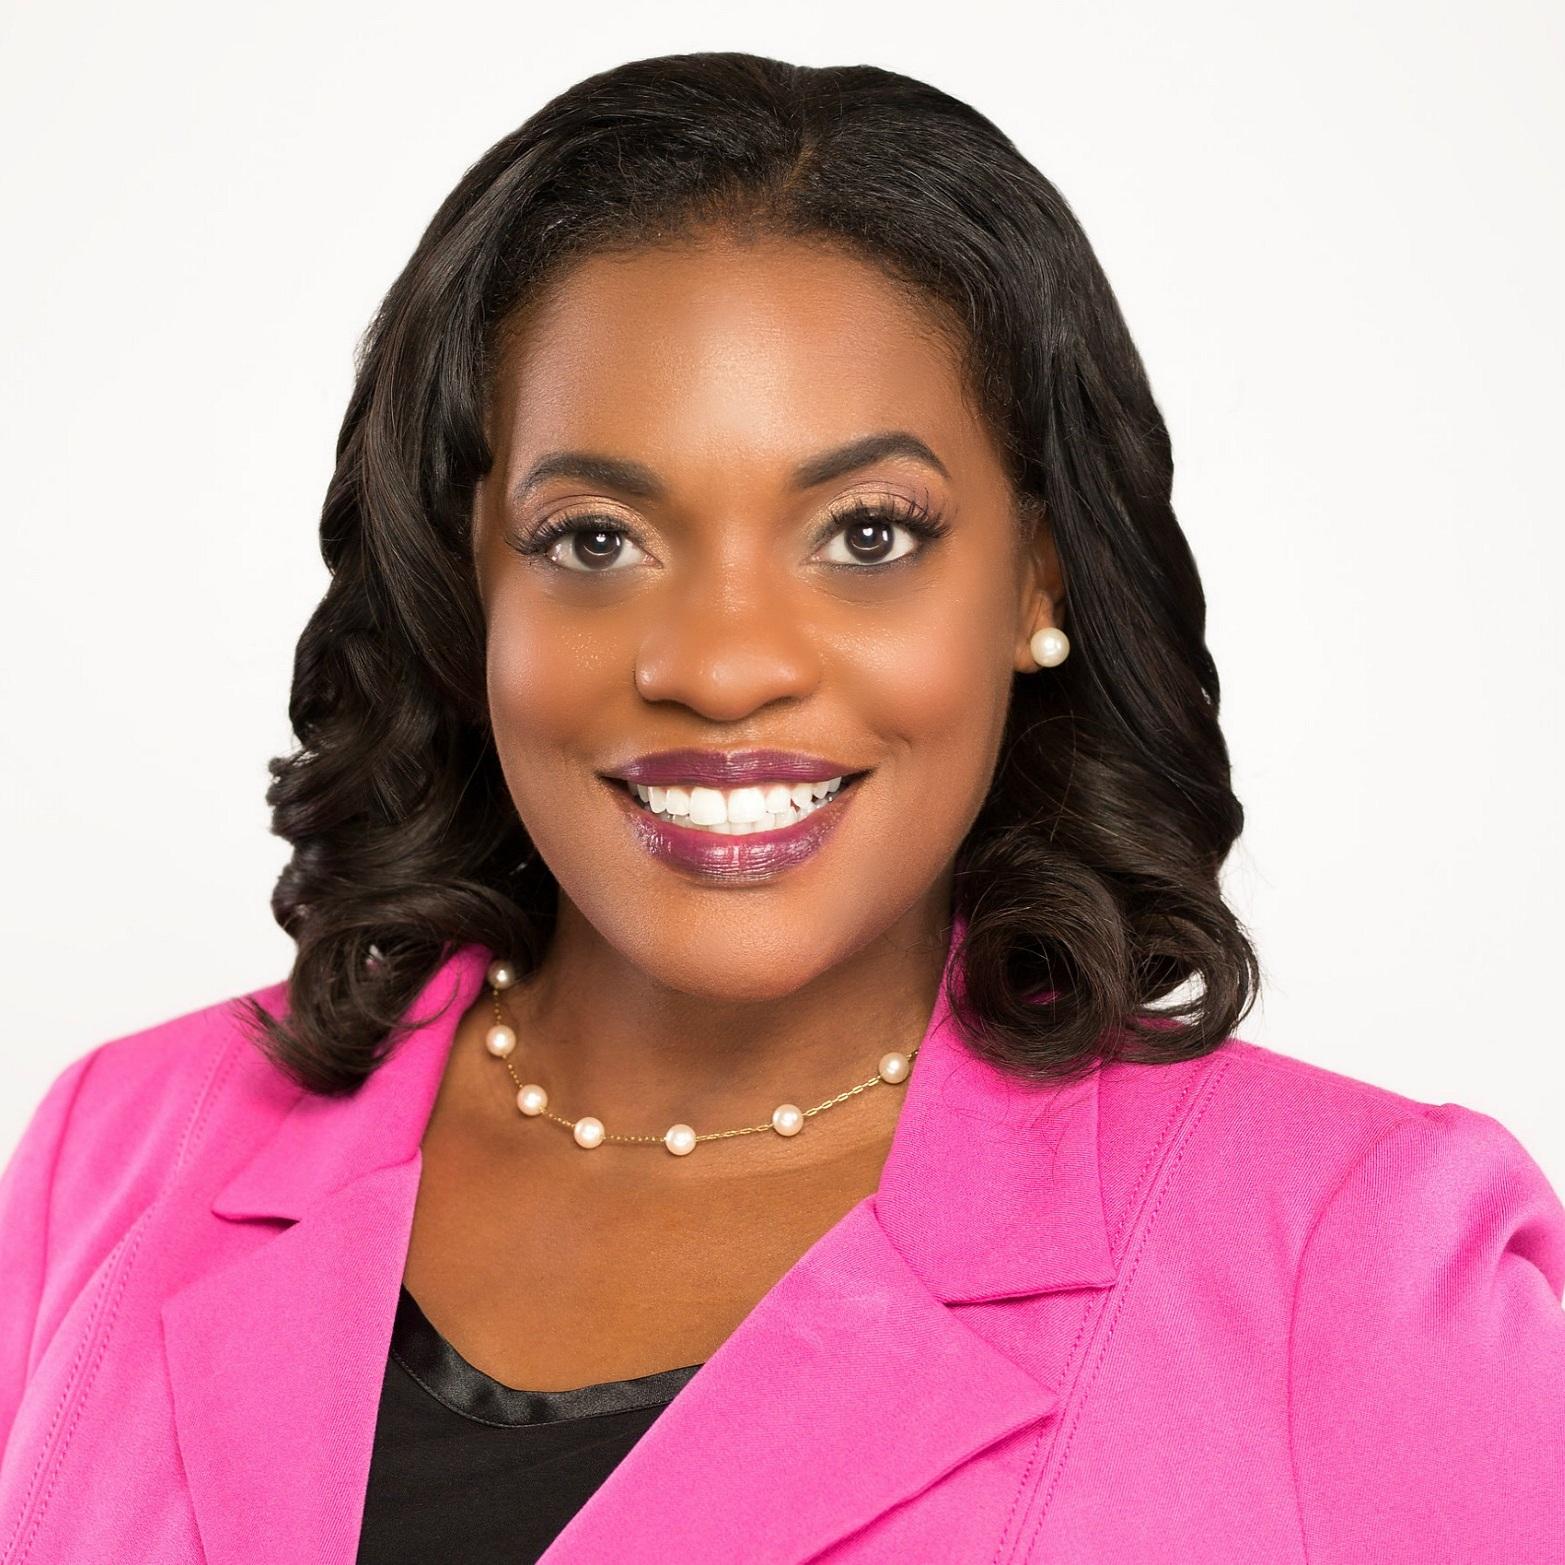 Rasheda Kamaria Williams